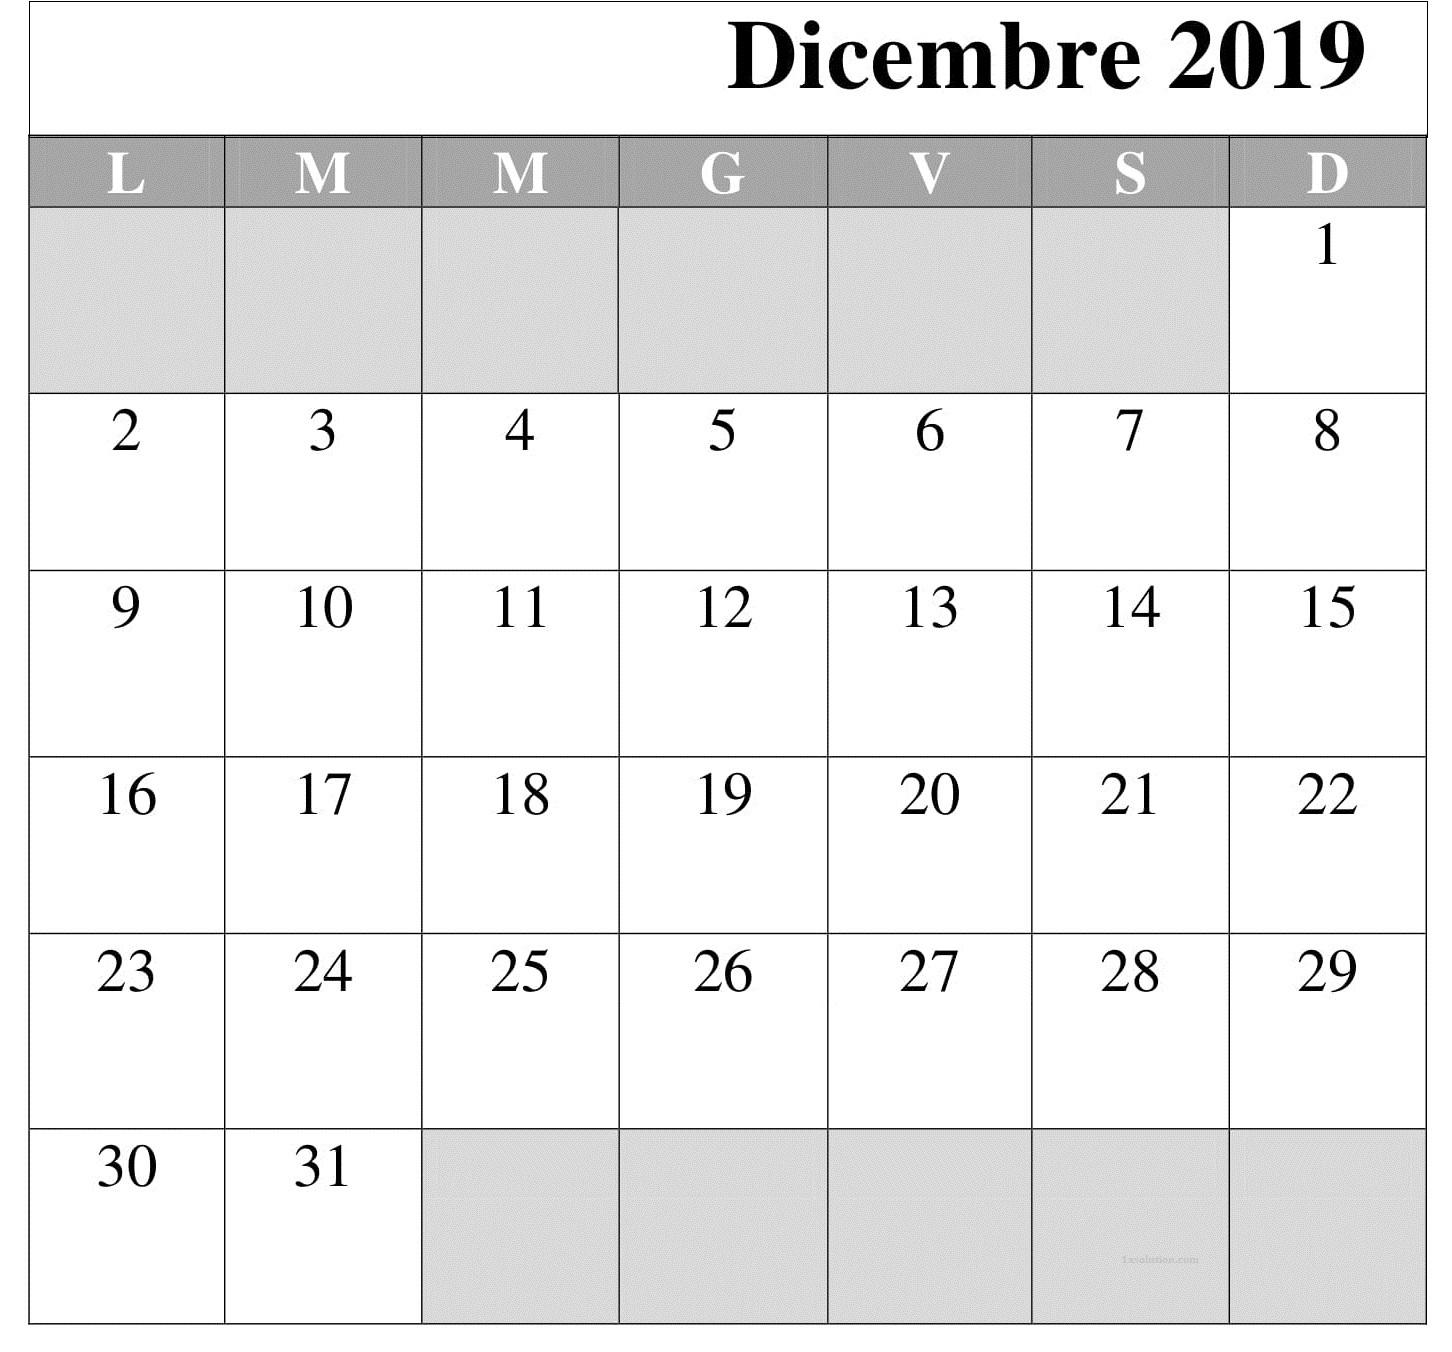 Calendario 2019 Dicembre Titolo